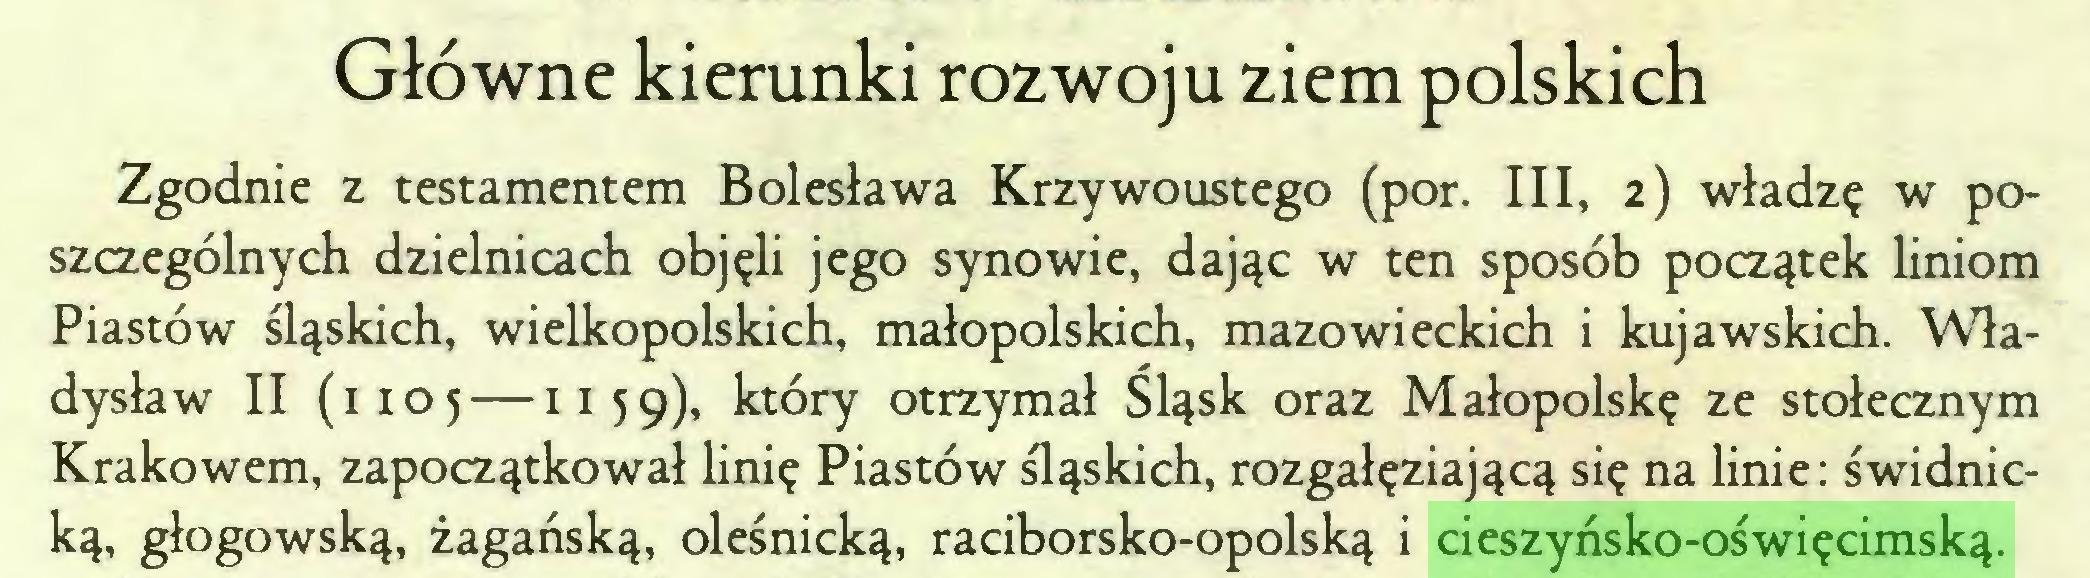 (...) Główne kierunki rozwoju ziem polskich Zgodnie z testamentem Bolesława Krzywoustego (por. III, 2) władzę w poszczególnych dzielnicach objęli jego synowie, dając w ten sposób początek liniom Piastów śląskich, wielkopolskich, małopolskich, mazowieckich i kujawskich. Władysław II (1105 —1159)1 który otrzymał Śląsk oraz Małopolskę ze stołecznym Krakowem, zapoczątkował linię Piastów śląskich, rozgałęziającą się na linie: świdnicką, głogowską, żagańską, oleśnicką, raciborsko-opolską i cieszyńsko-oświęcimską...